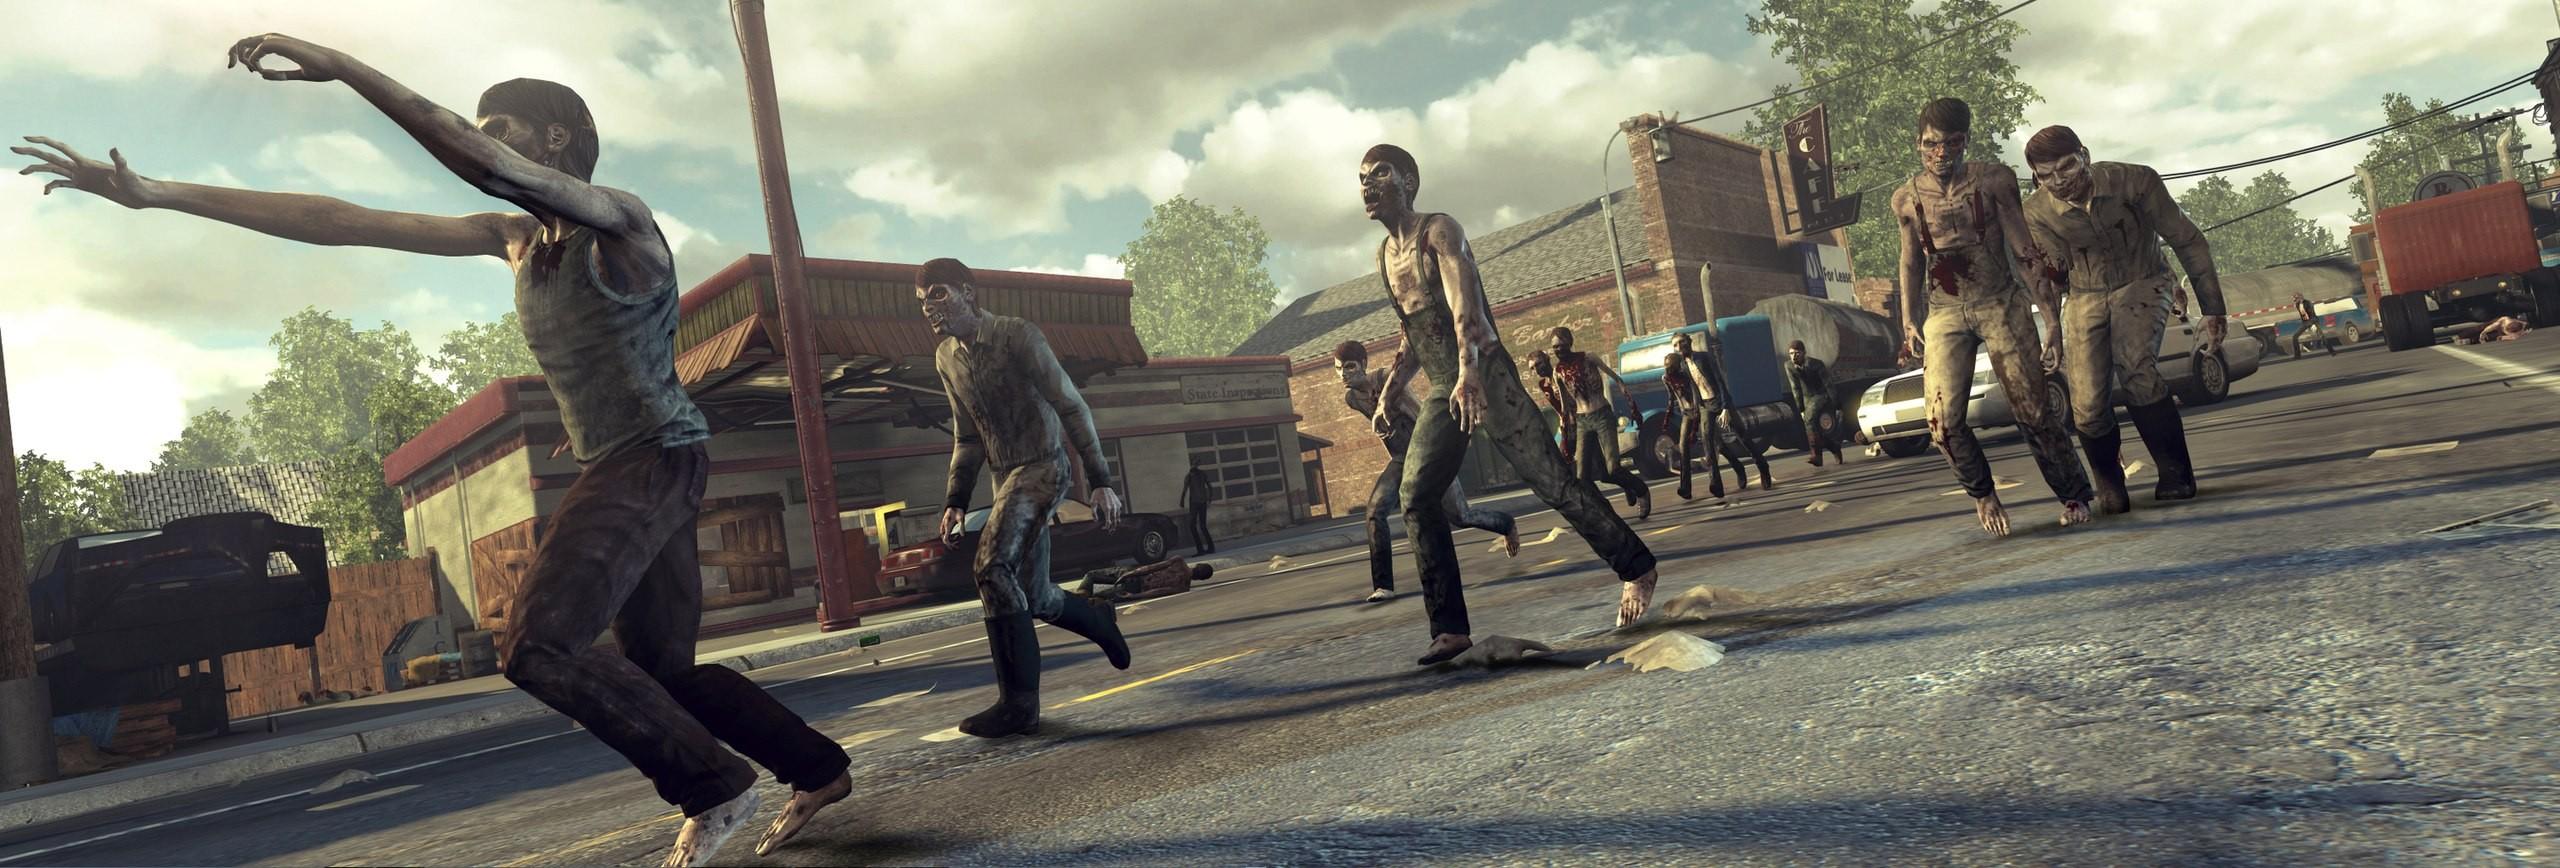 Лучшие игры про выживание - The Walking Dead Survival Instinct